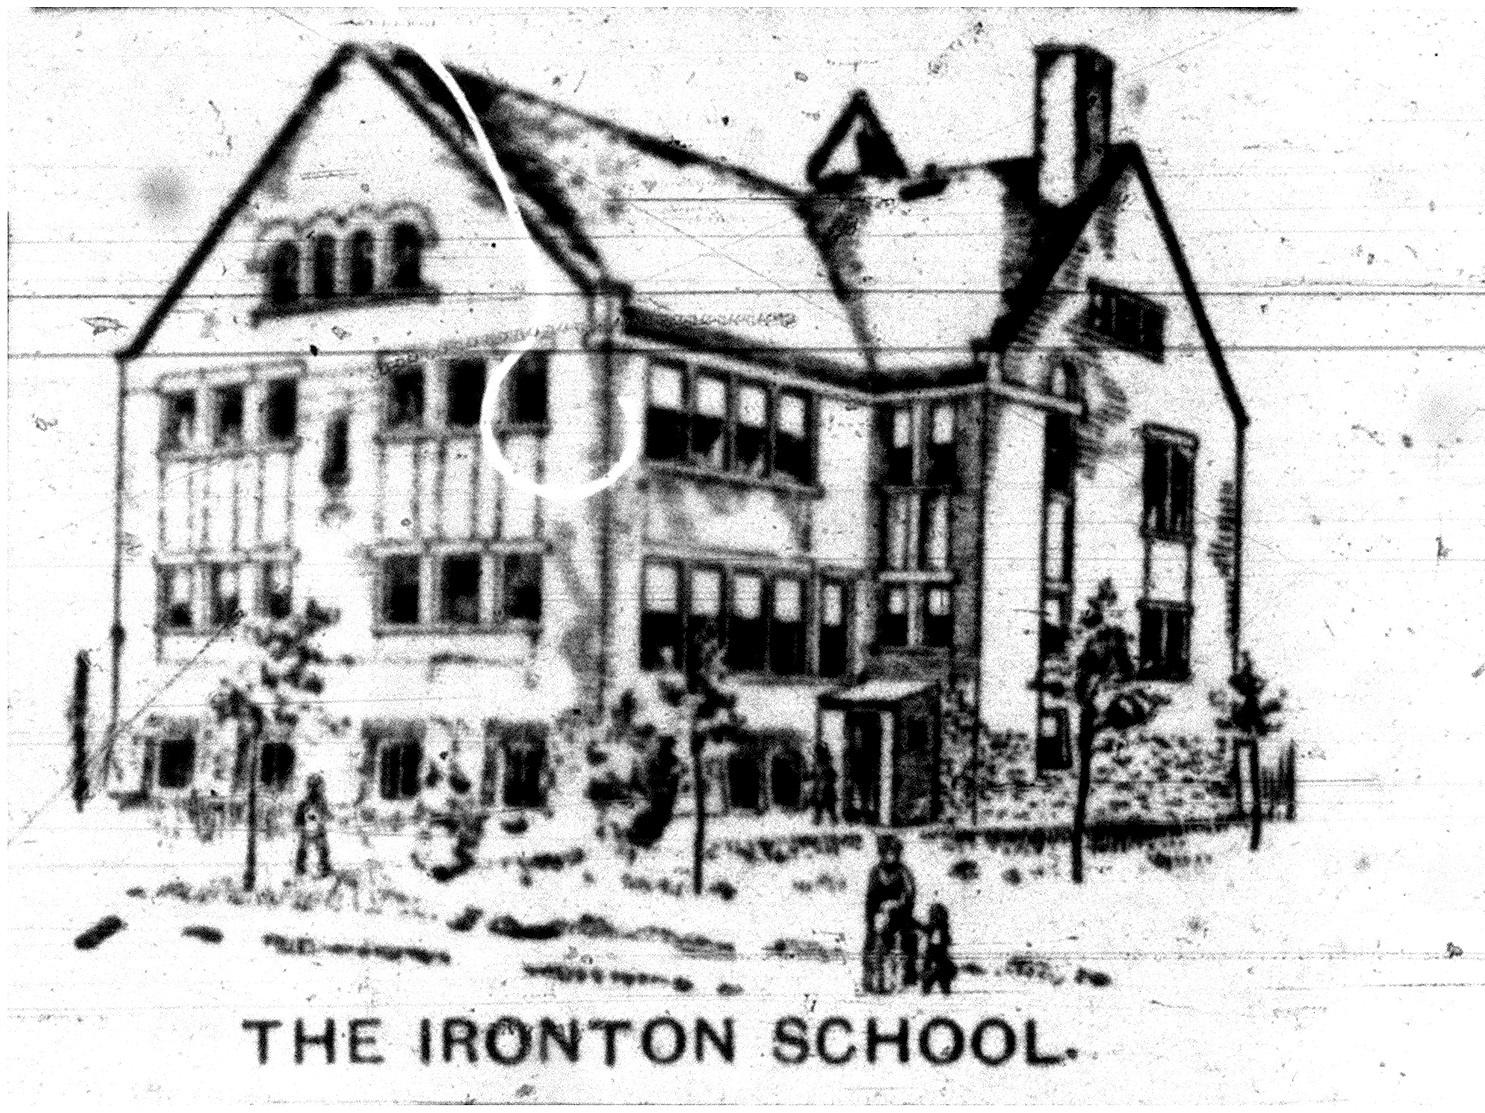 The Ironton School, illustration (1893-08-05 Tonawanda News).jpg